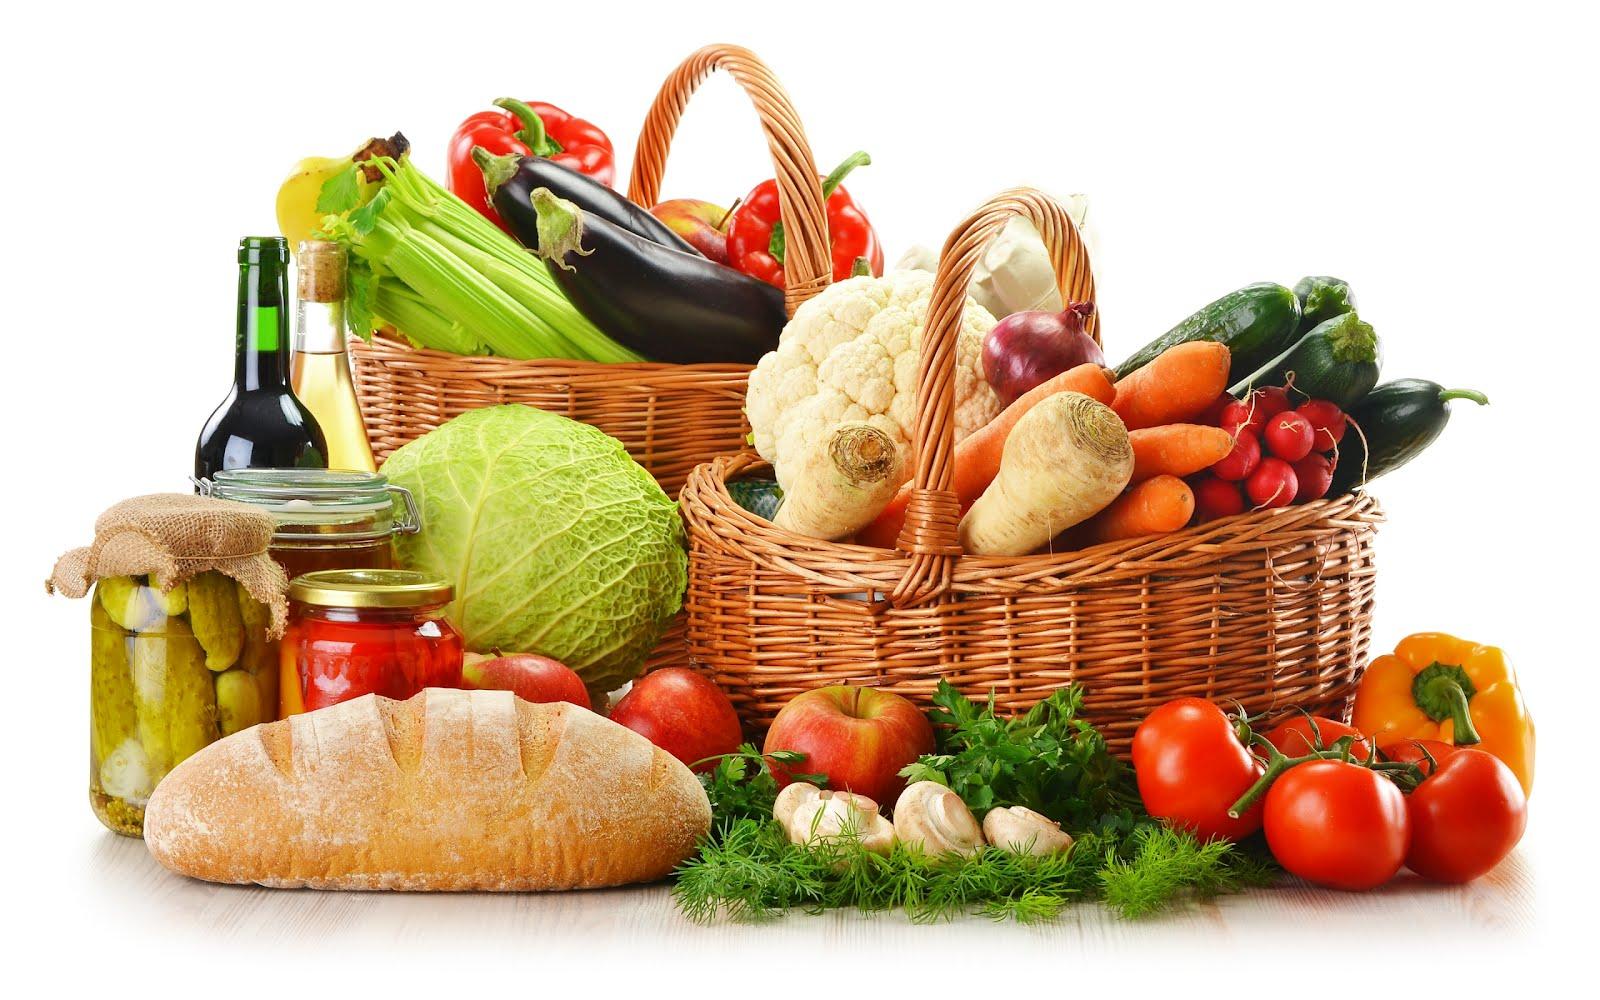 Tomar decisiones más nutritivas